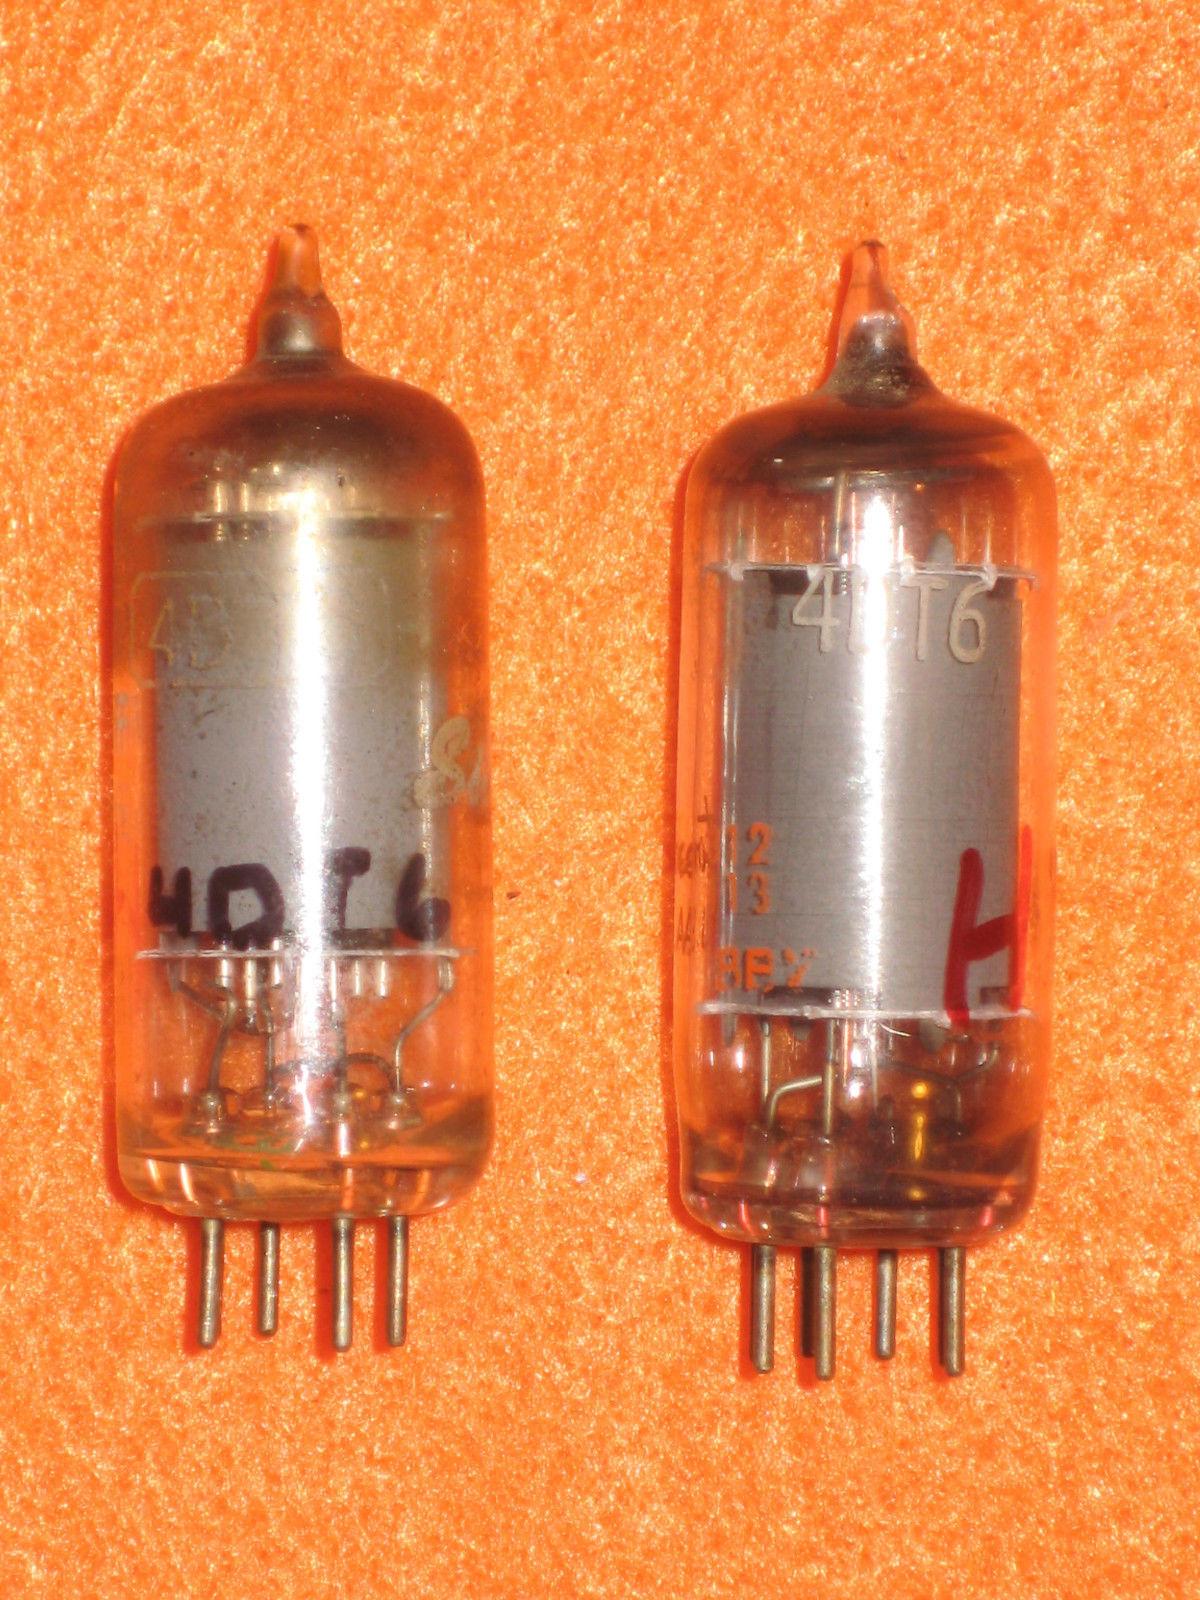 Vintage Radio Vacuum Tube (one): 4DT6 - Tested Good